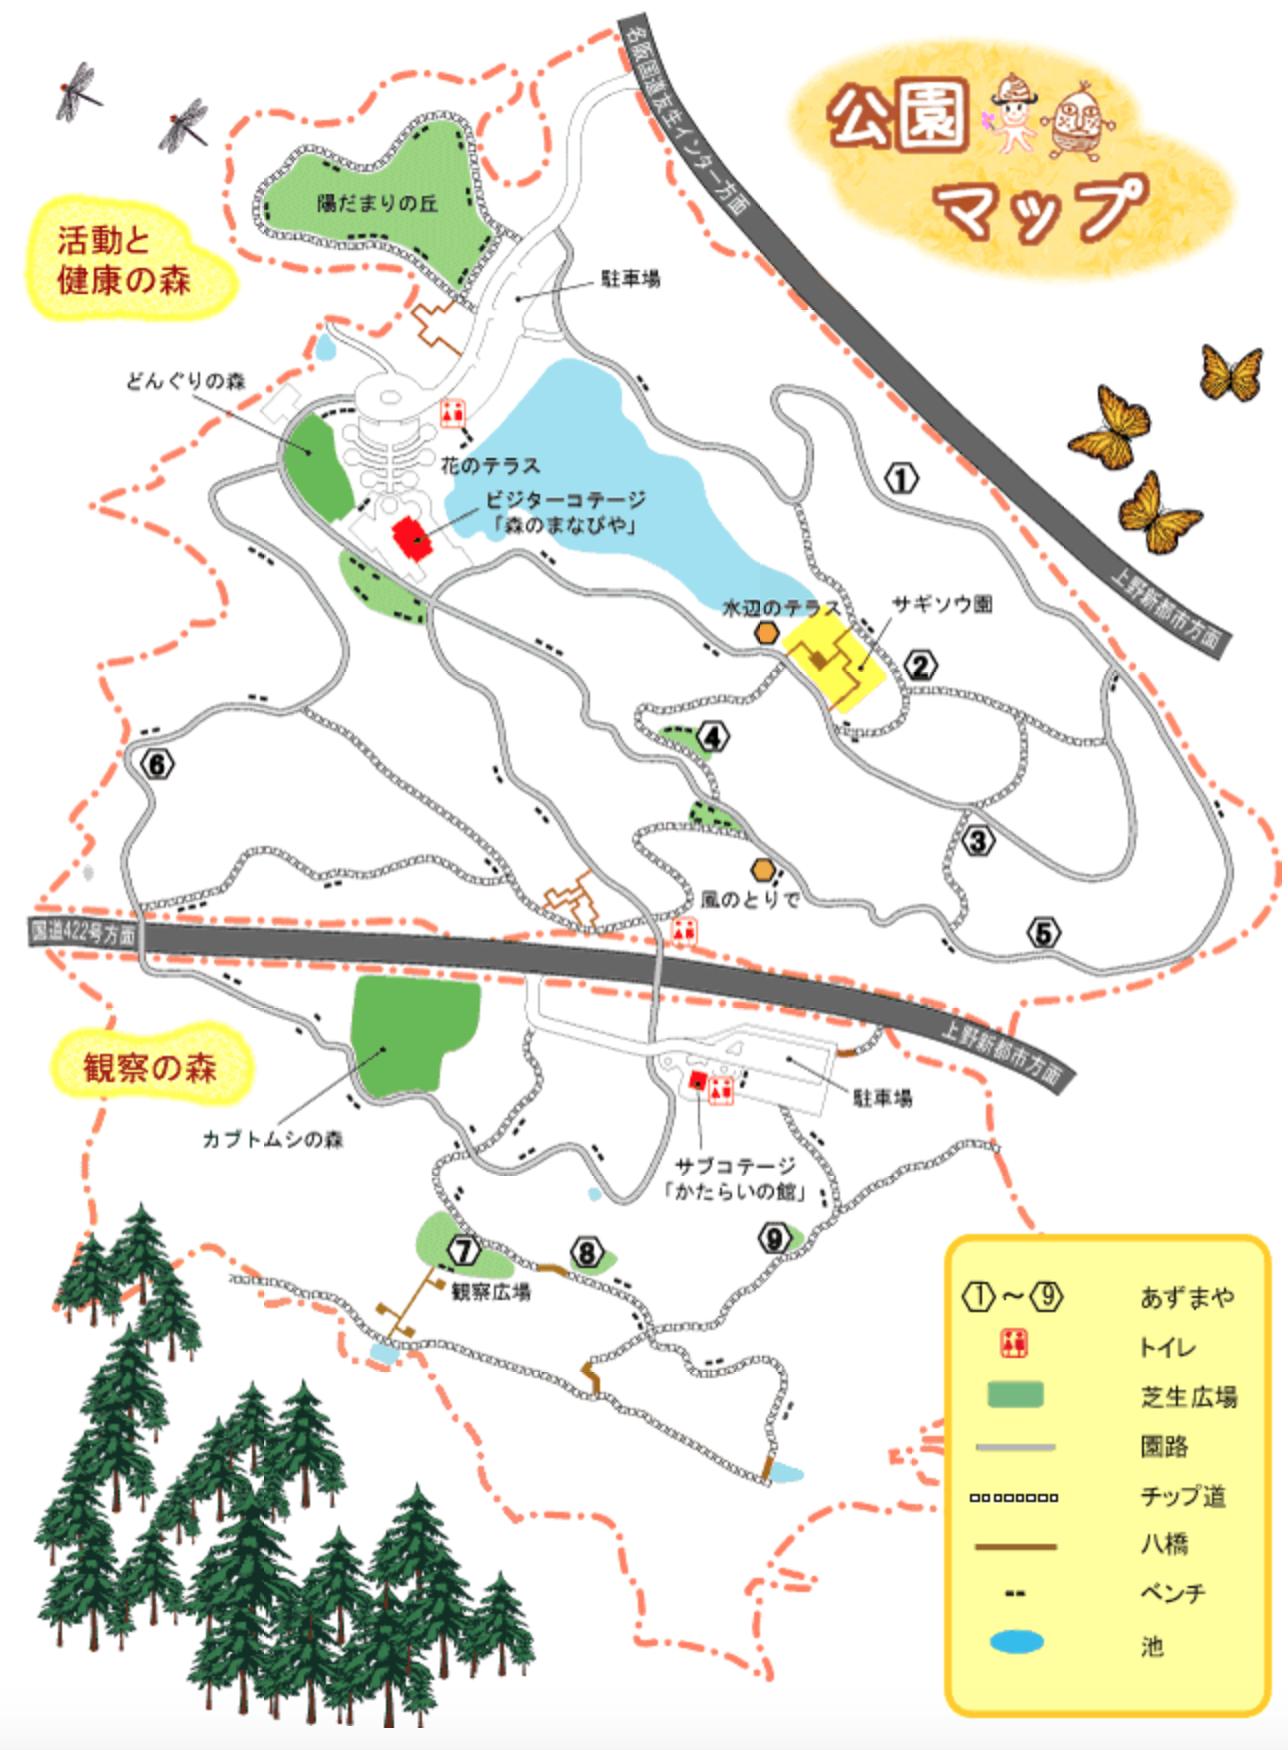 三重県上野森林公園の園内マップ